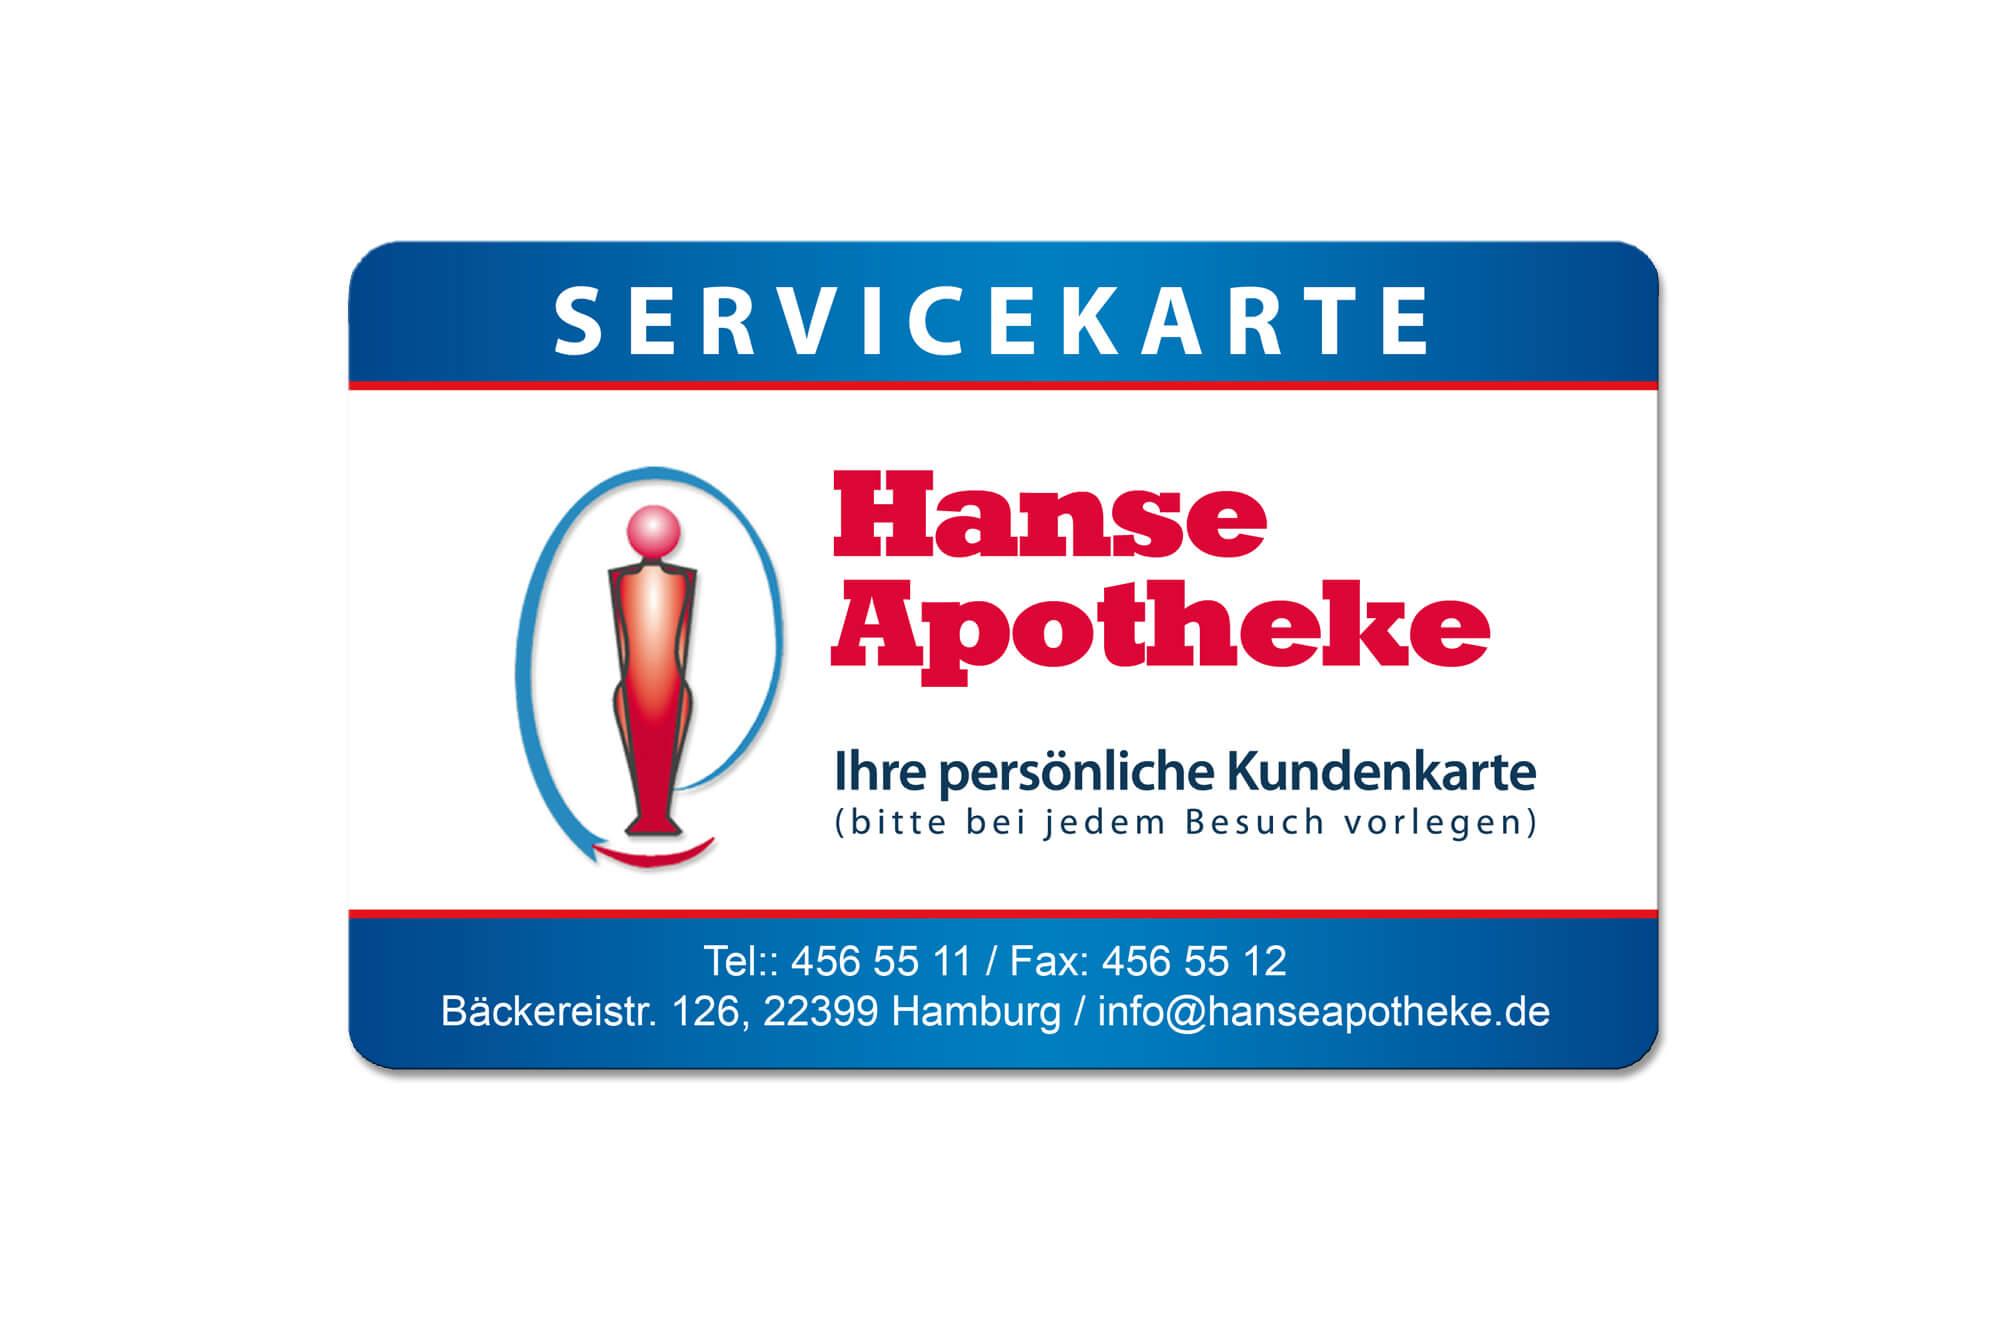 Beispiel für Apothekenkarten Hanseapotheke